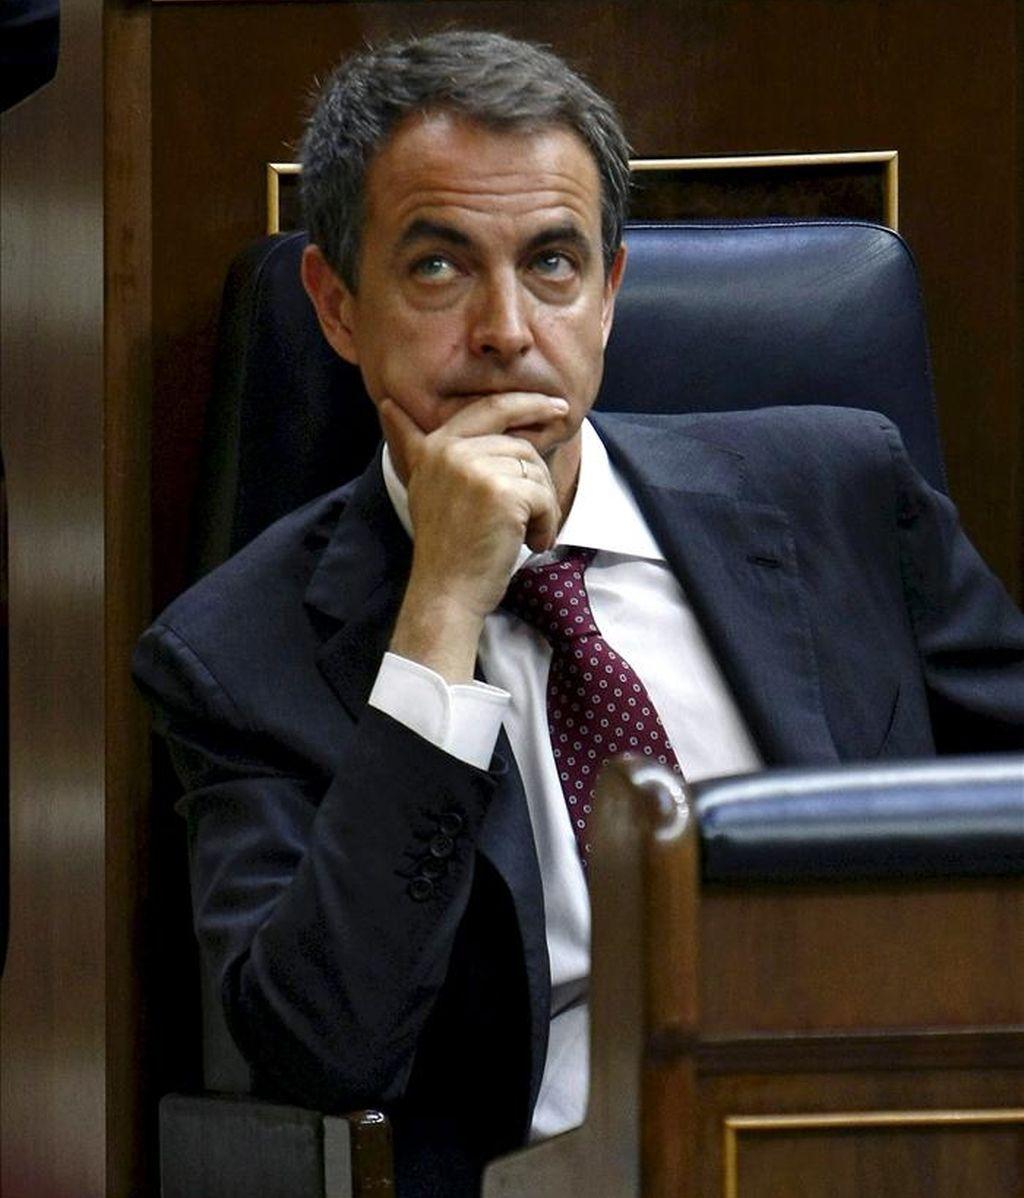 MD06 MADRID, 11/05/2011.- El presidente del Ejecutivo, José Luis Rodríguez Zapatero, durante la sesión de control al Gobierno que hoy celebra el Pleno del Congreso. EFE